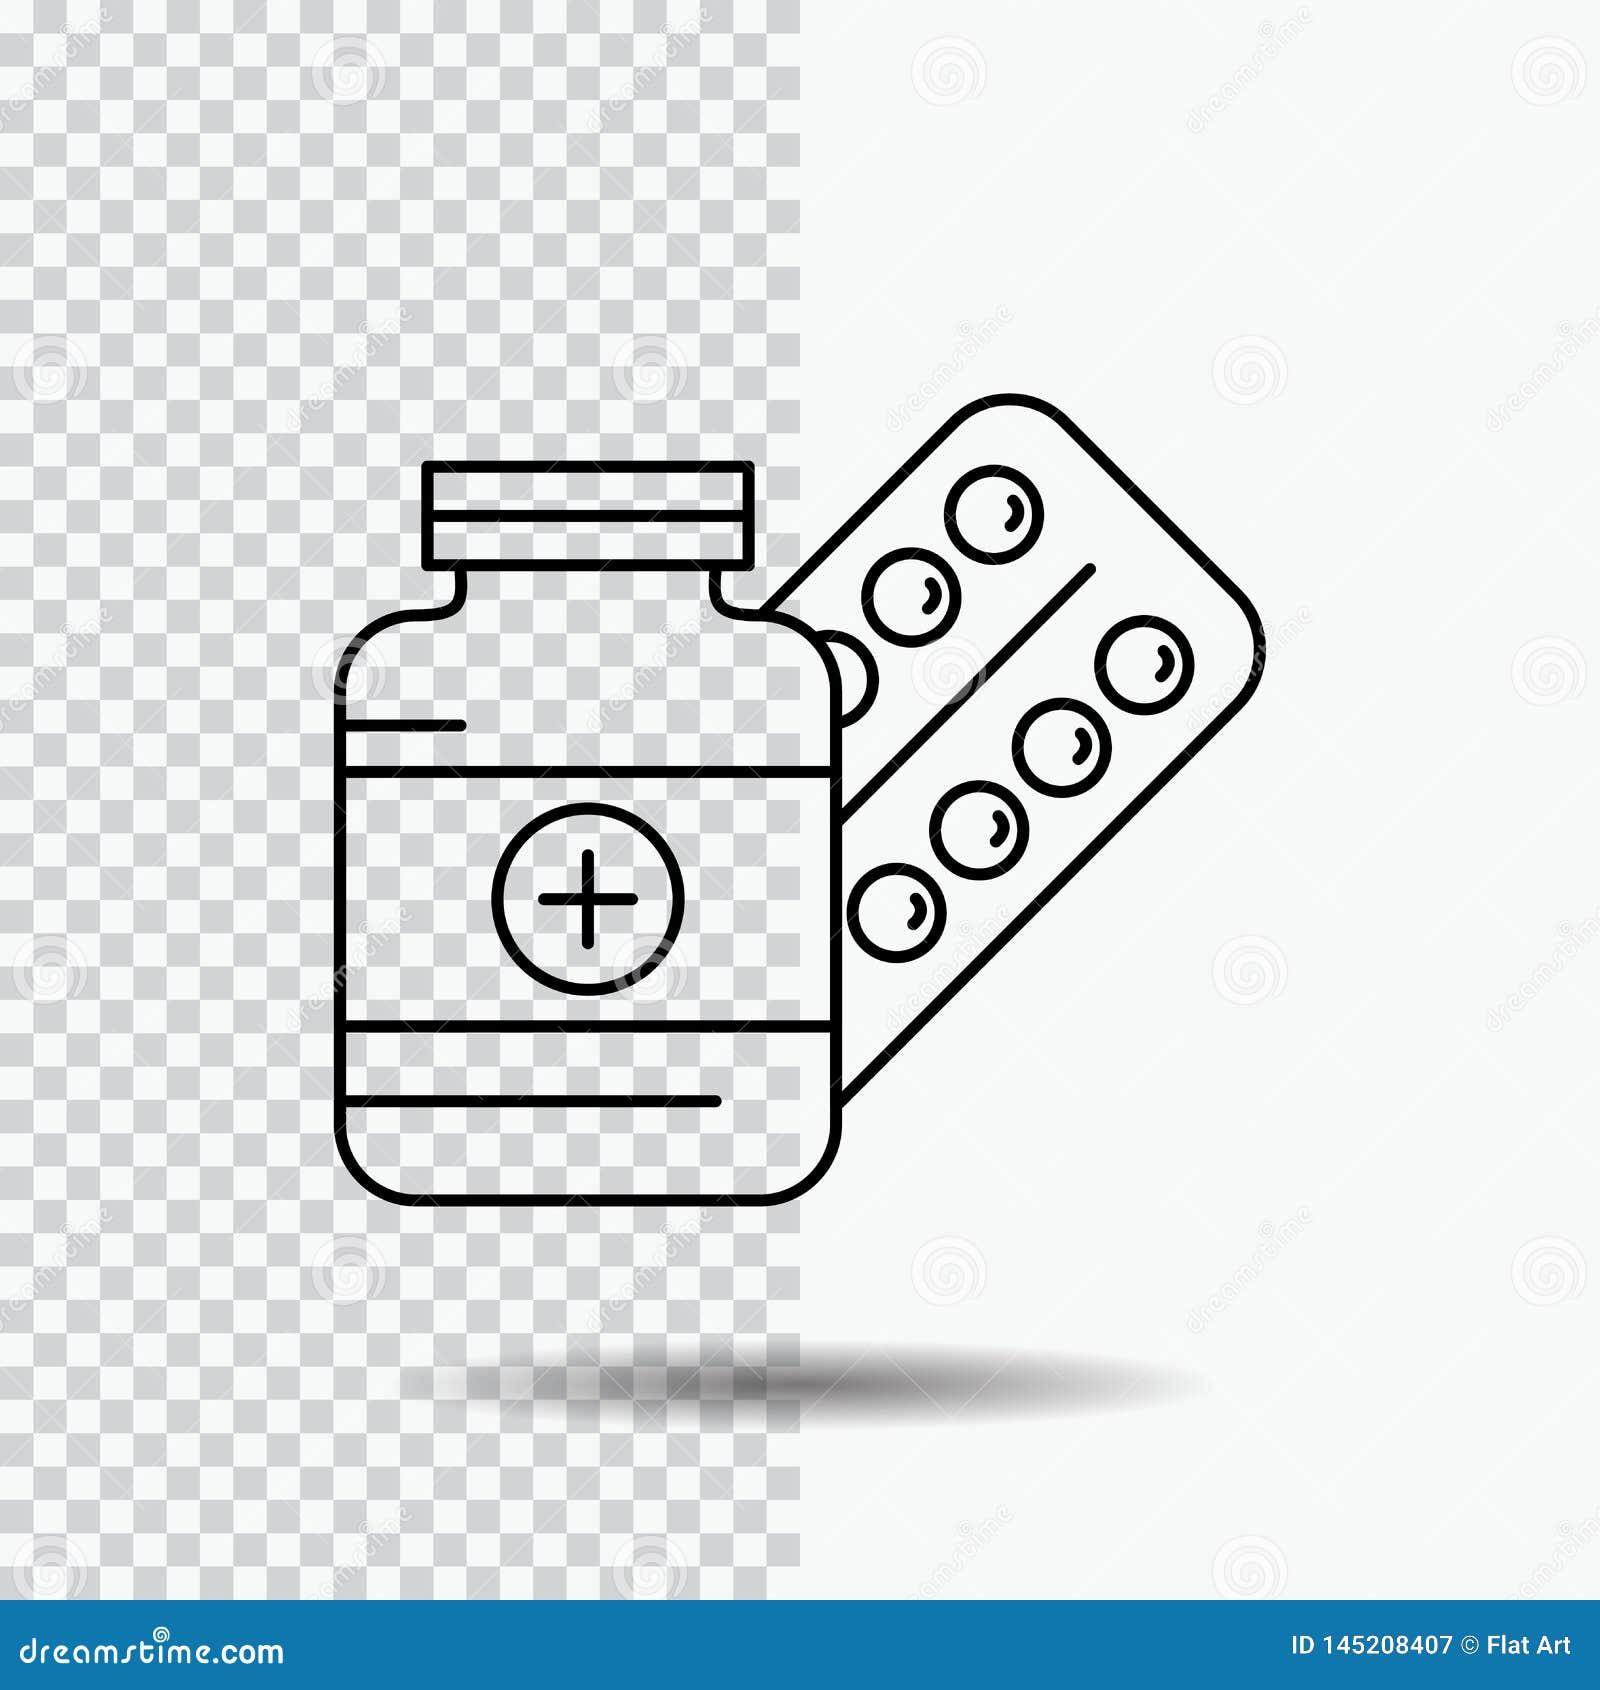 Geneeskunde, Pil, capsule, drugs, het Pictogram van de tabletlijn op Transparante Achtergrond Zwarte pictogram vectorillustratie